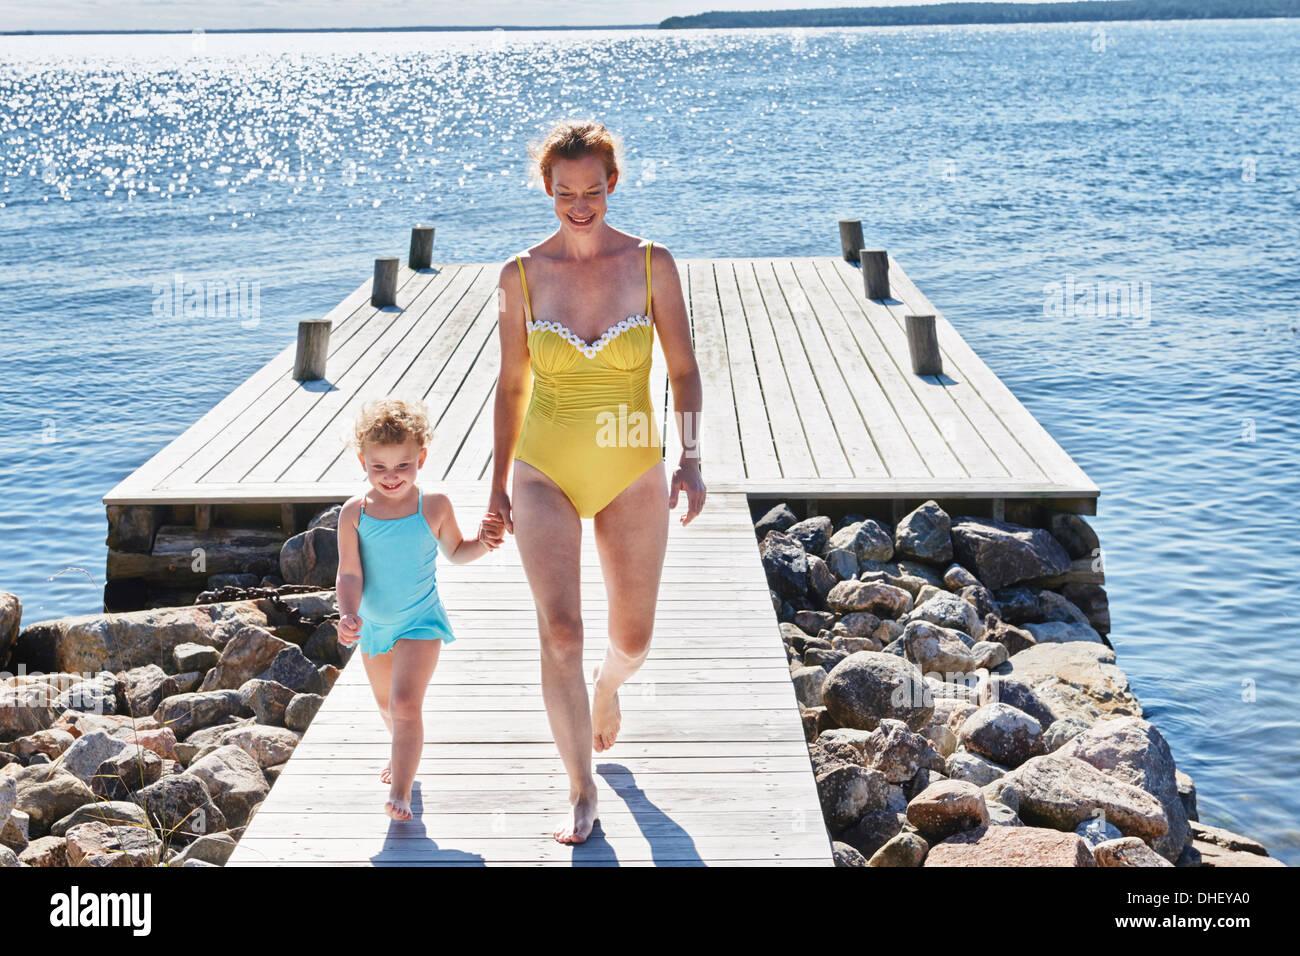 Mère et fille main dans la main, Utvalnas, Gavle, Suède Banque D'Images